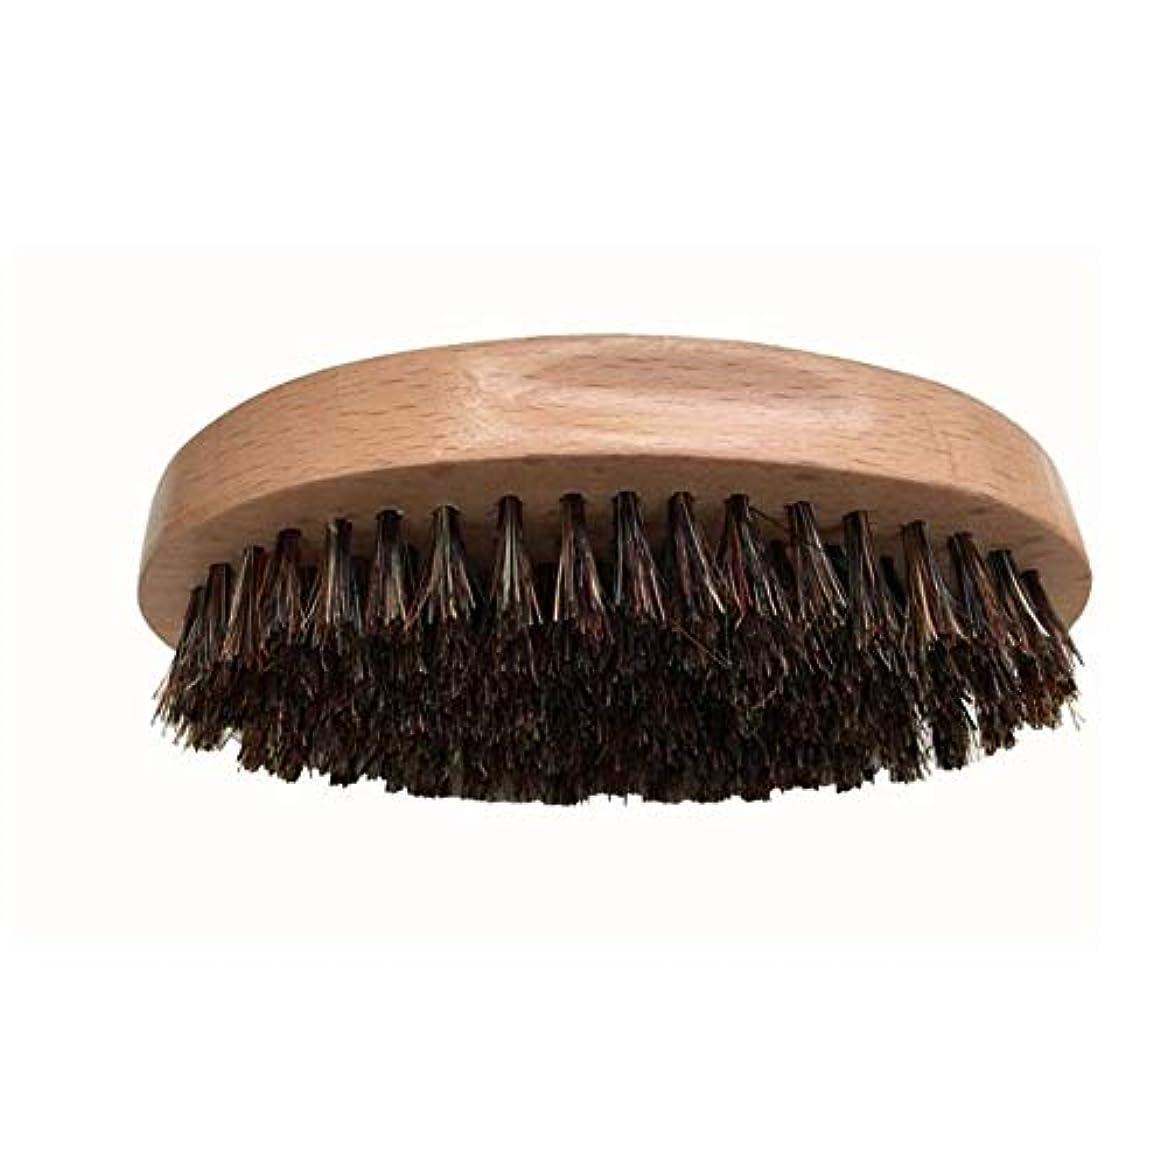 上流の構造的代わりのあごひげケア 美容ツール シェービングブラシ 男性 口ひげ ひげブラシ ラウンド櫛 メンズシェービングツール 理容 洗顔 髭剃り 泡立ち